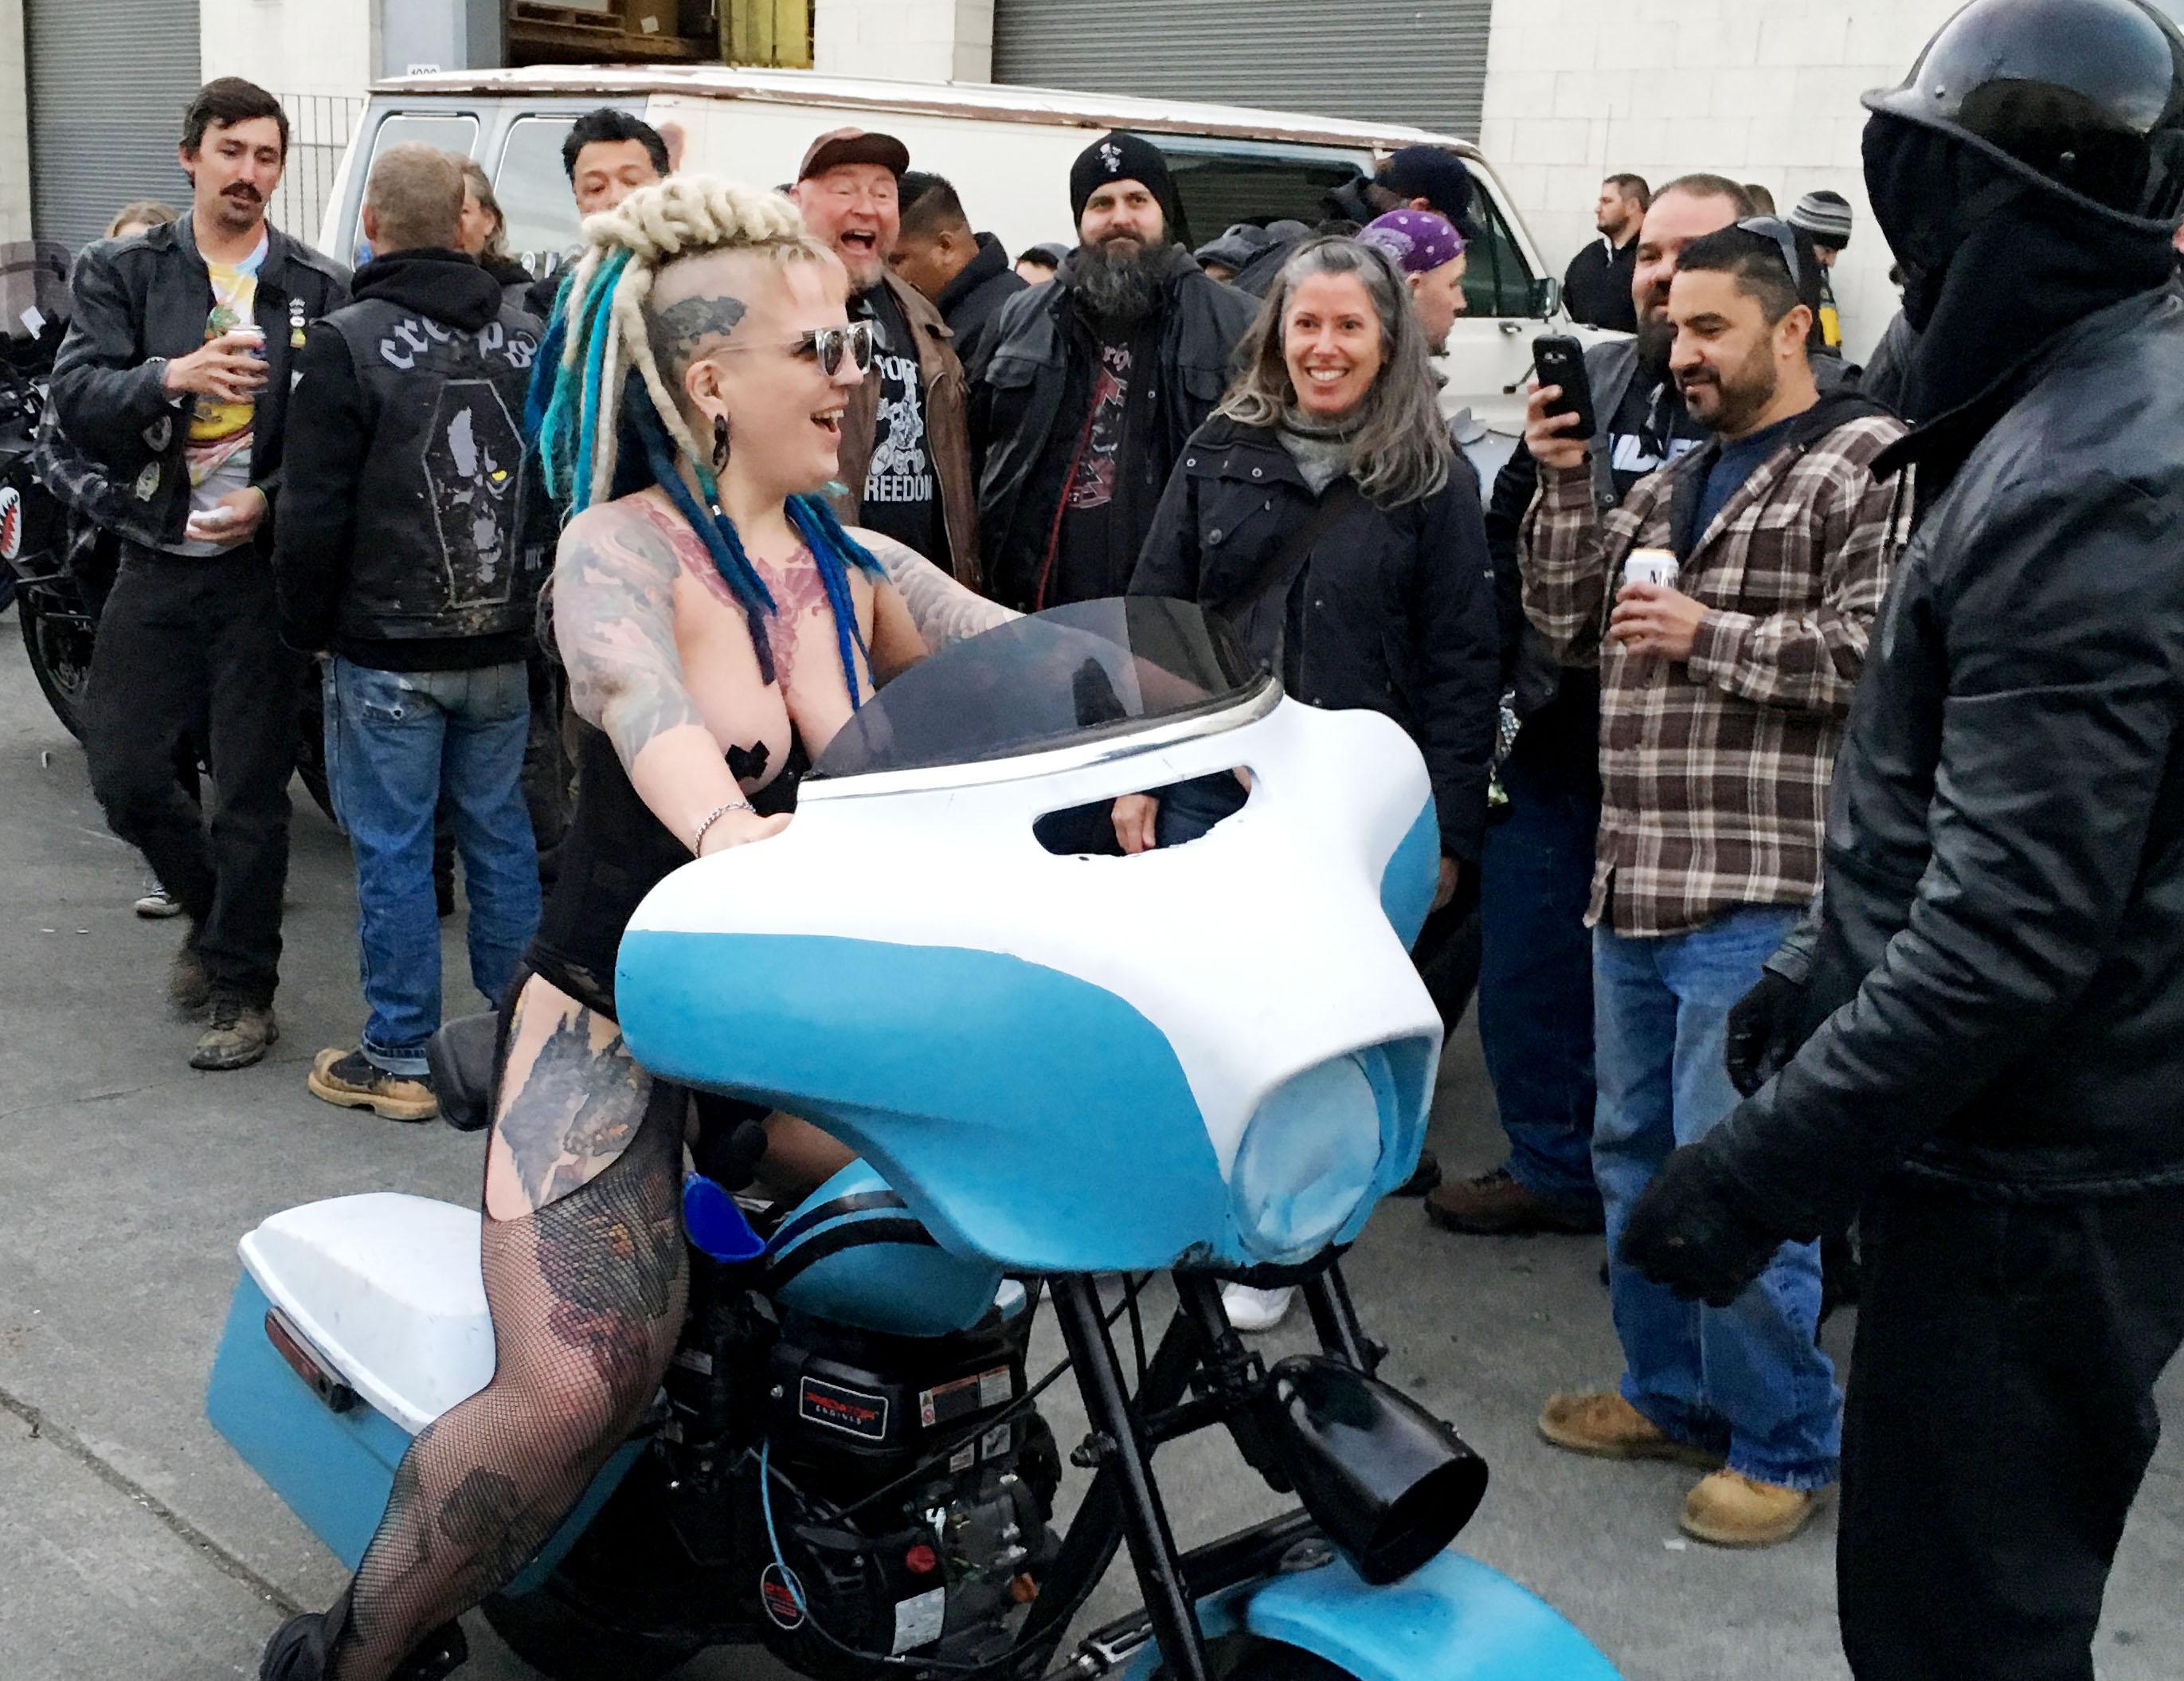 biker babes_edited-1